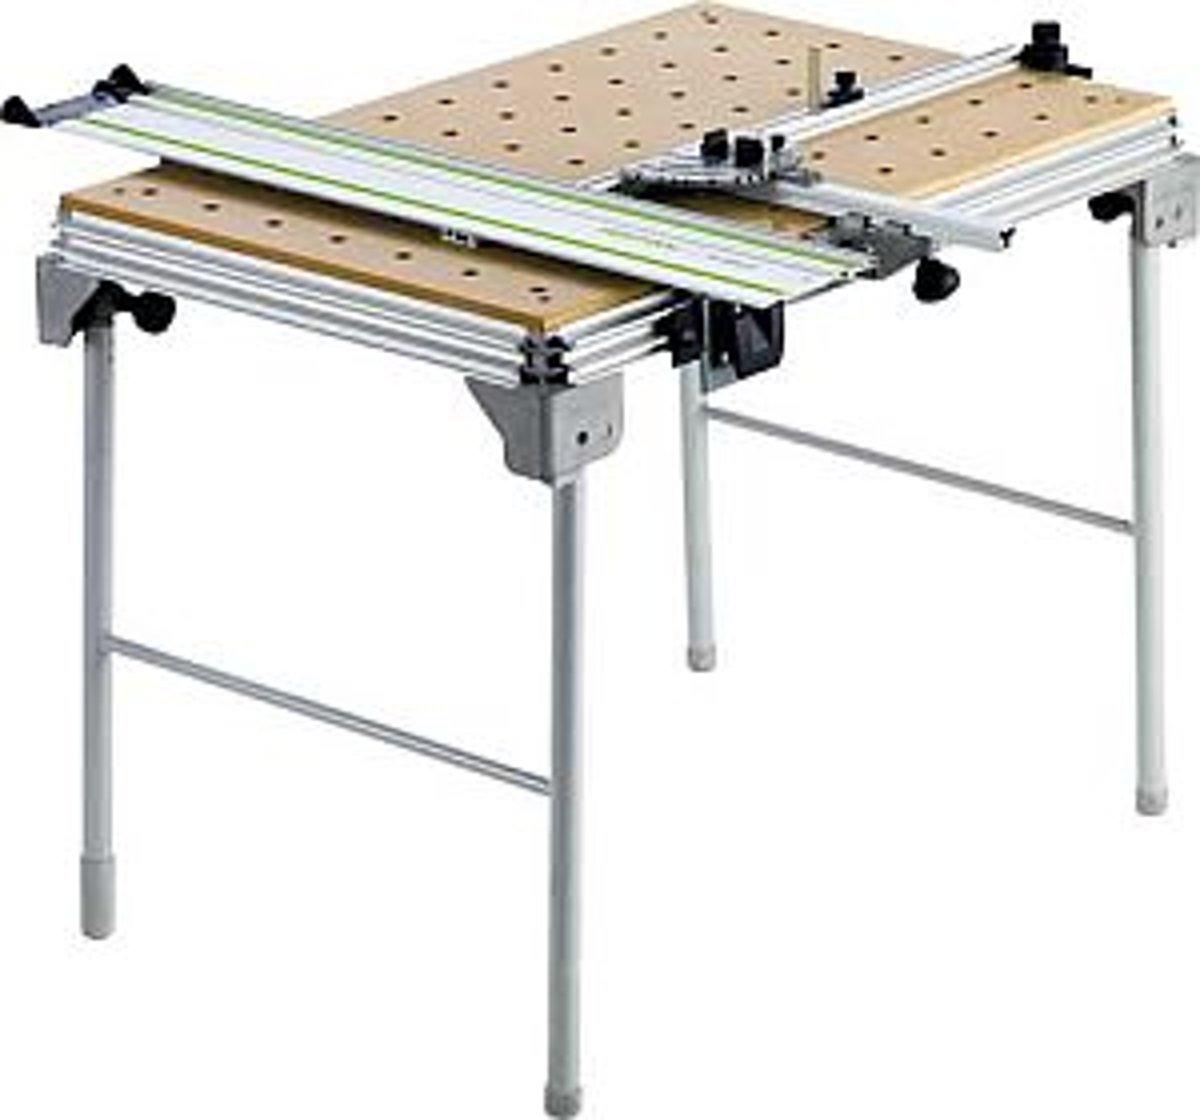 Festool Multifunctionele tafel MFT/3 kopen